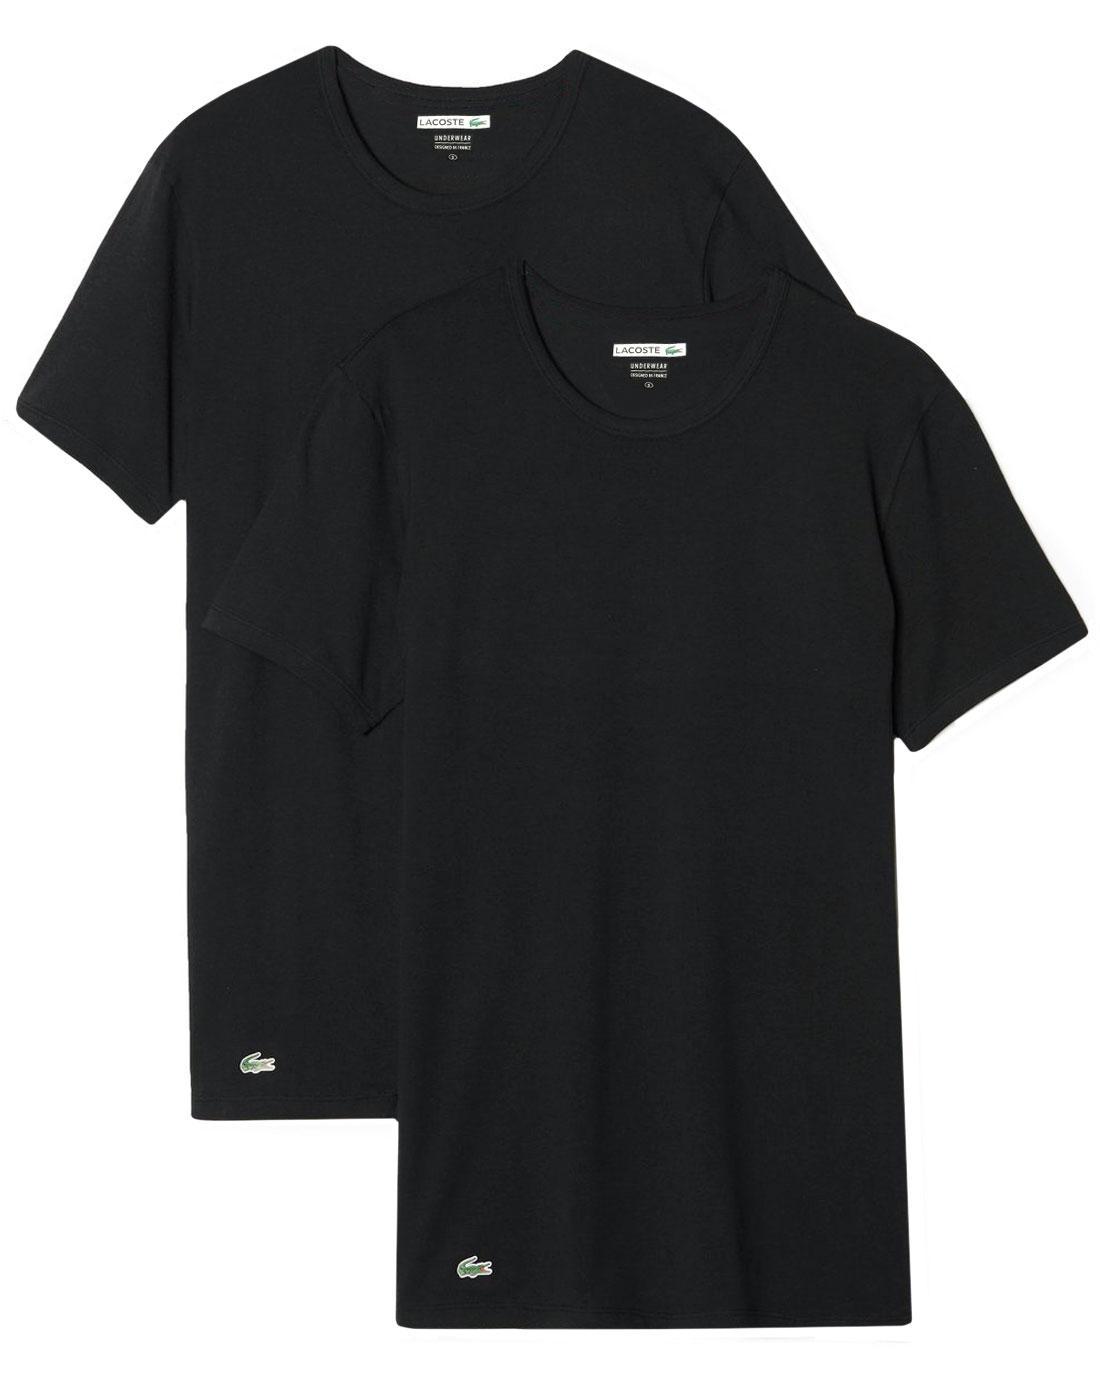 LACOSTE Men's 2 Pack Crew Neck T-Shirt - BLACK